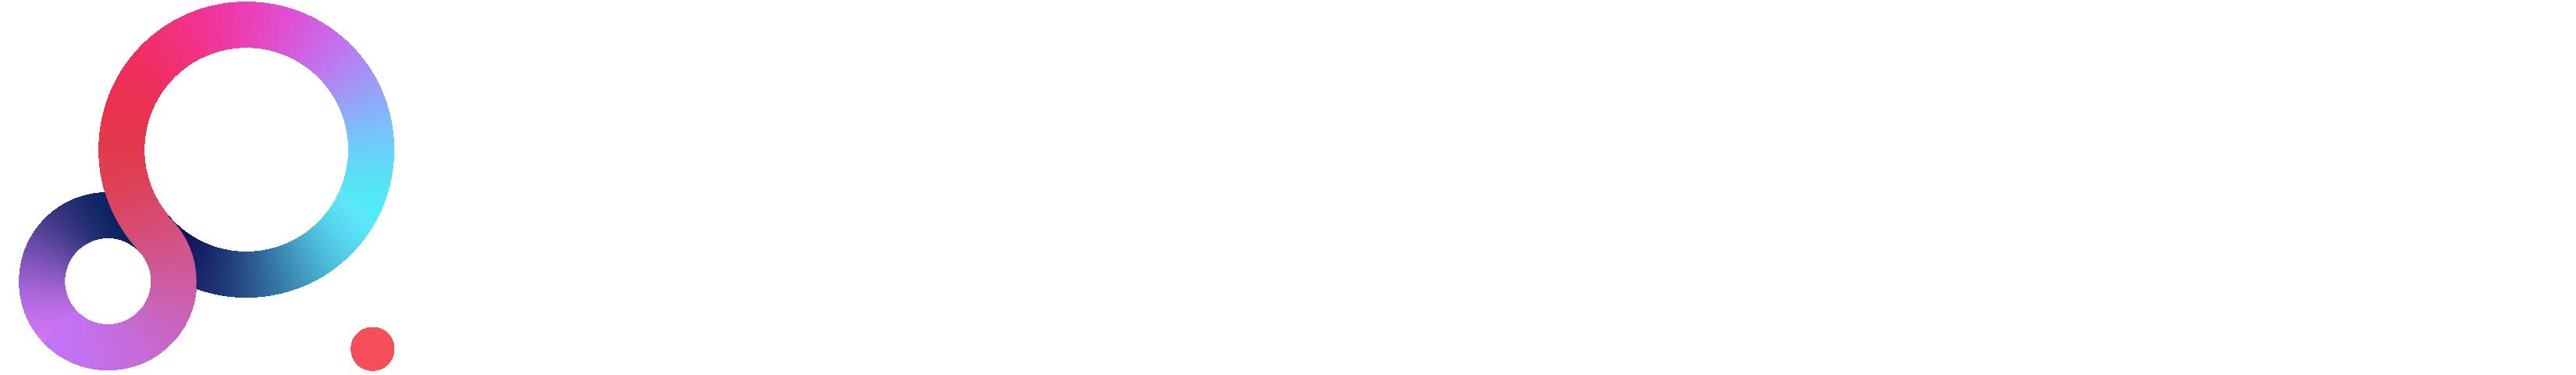 RendezView.io